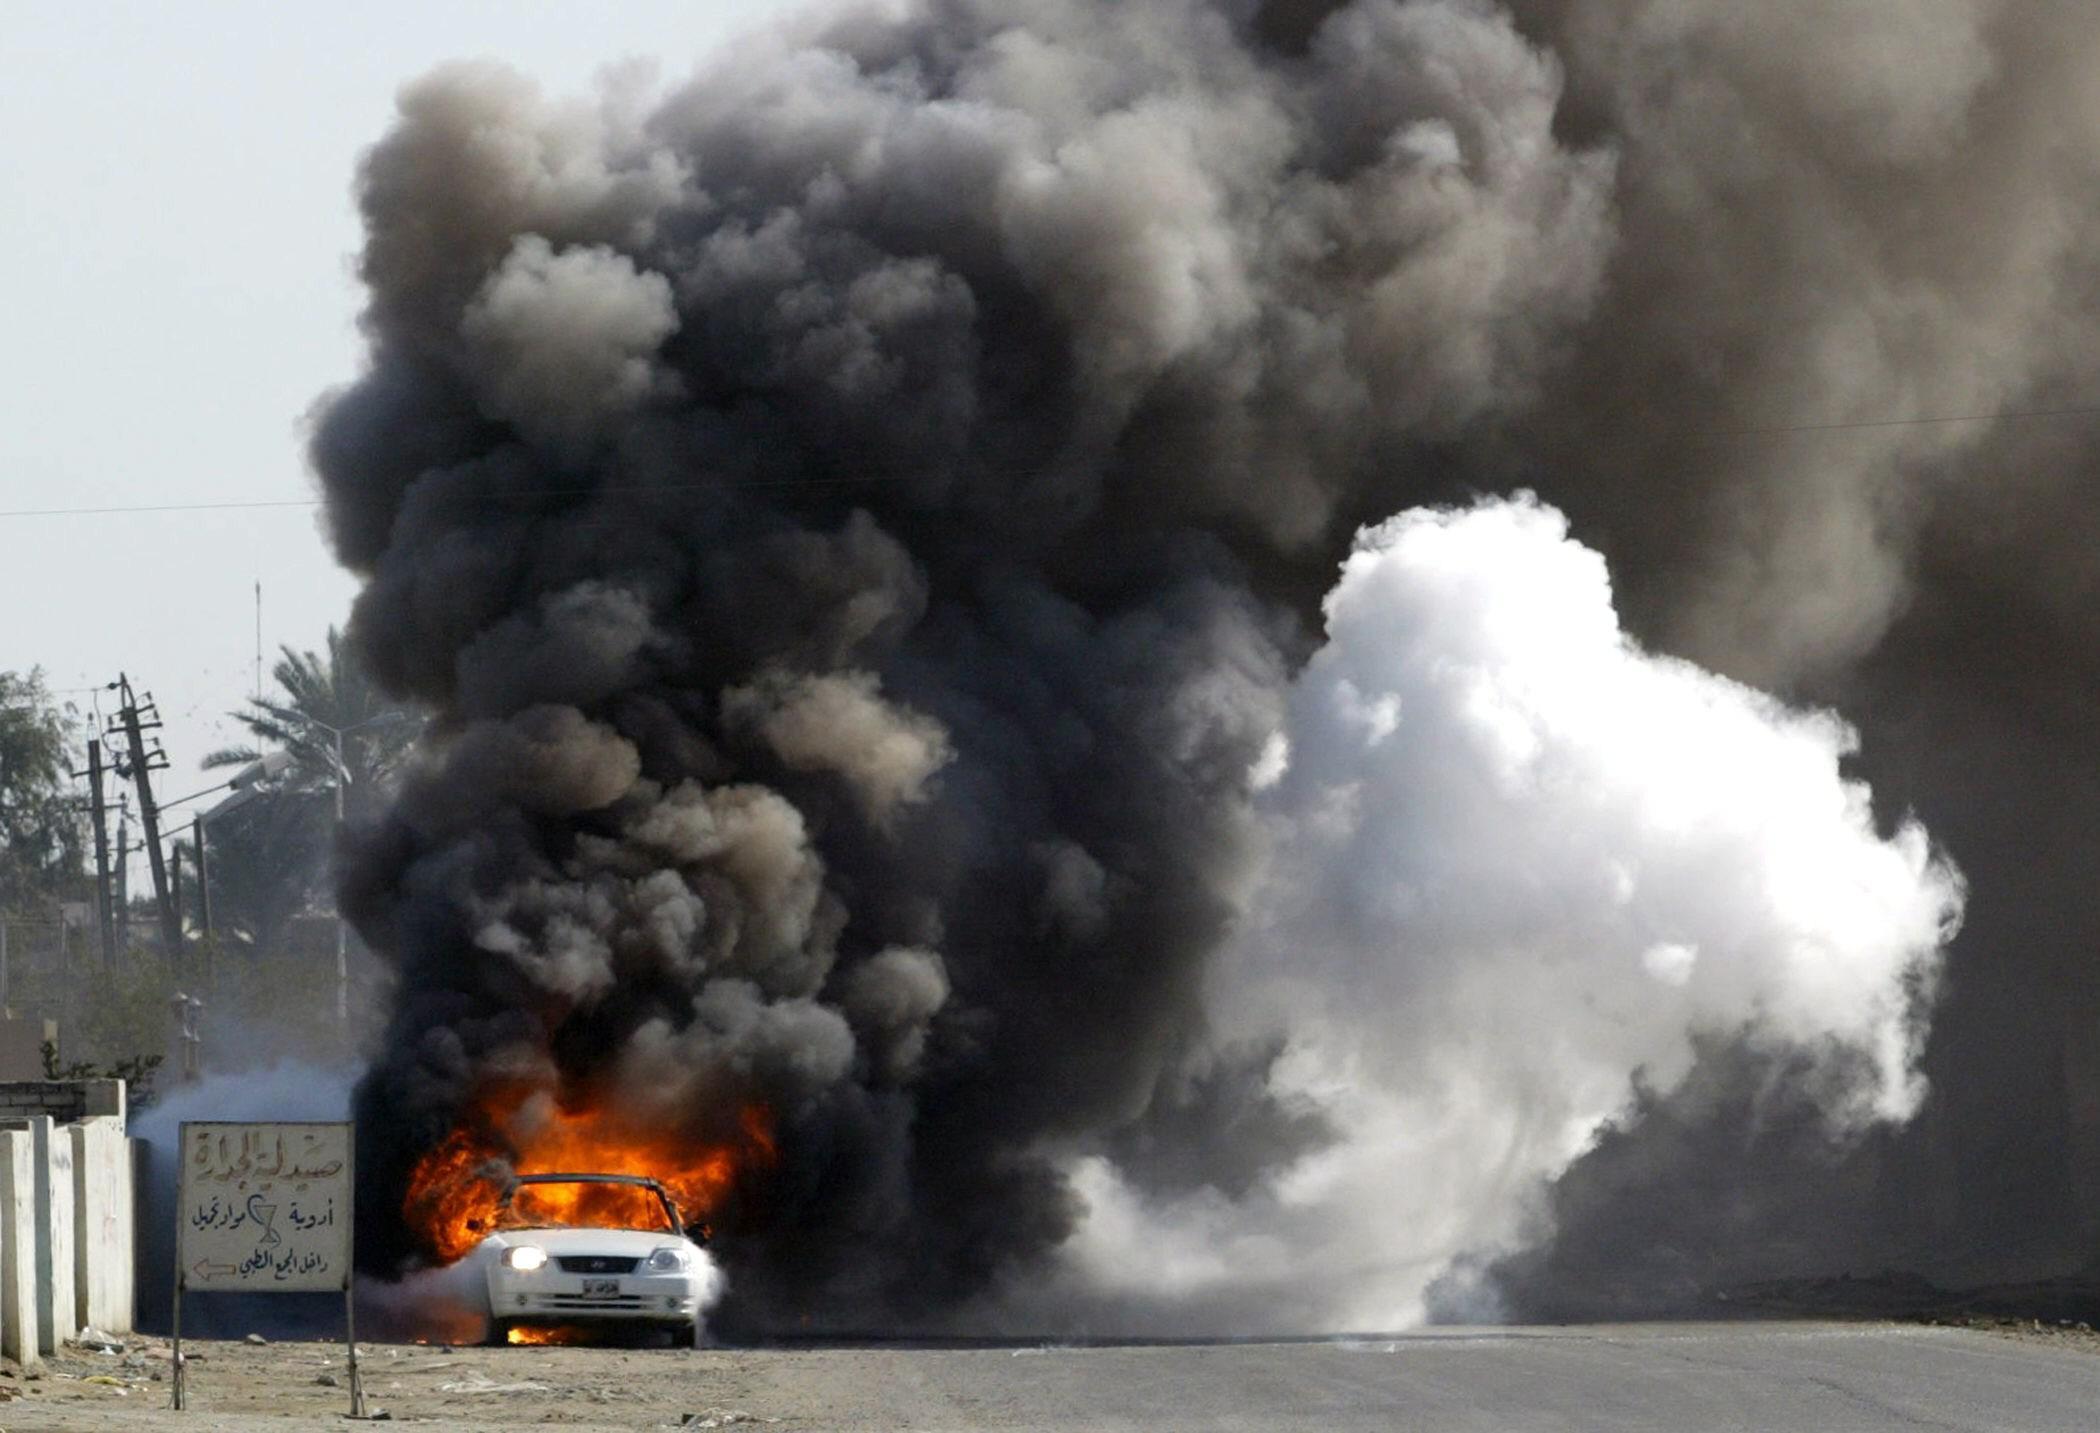 IRAQ-UNREST-VOTE-BLAST